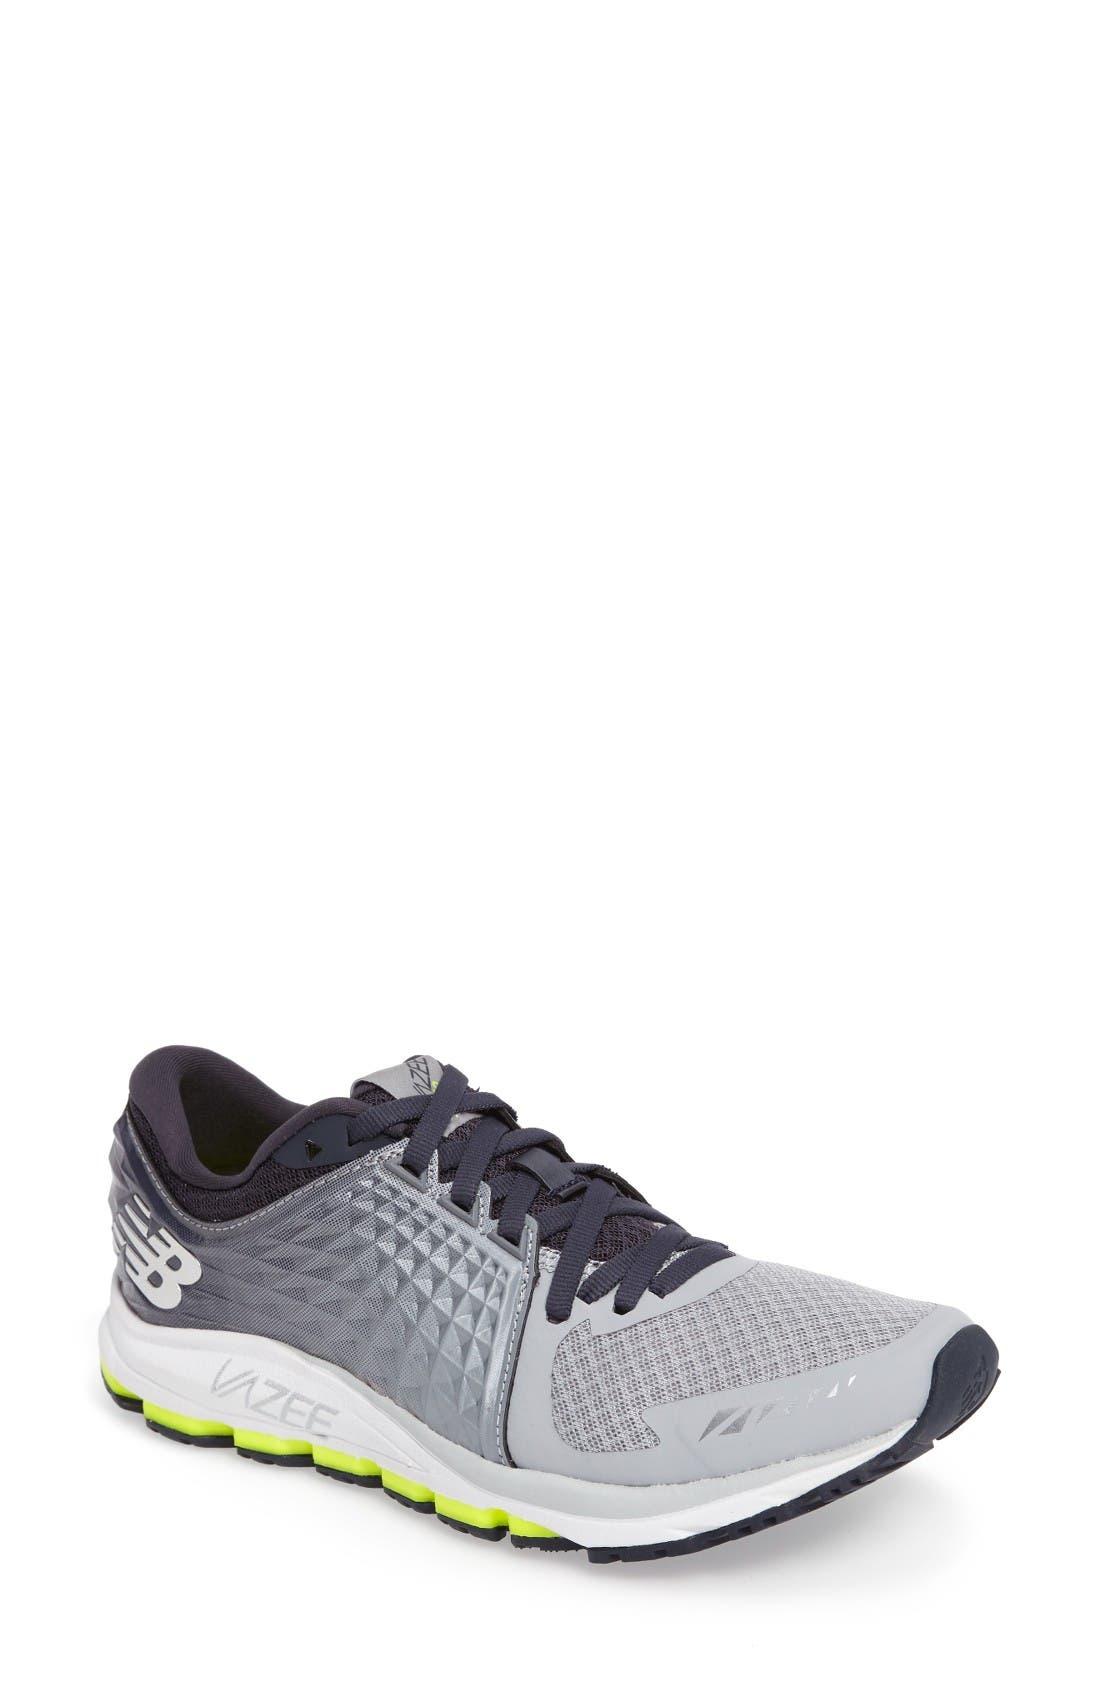 New Balance Vazee 2090 Running Shoe (Women)